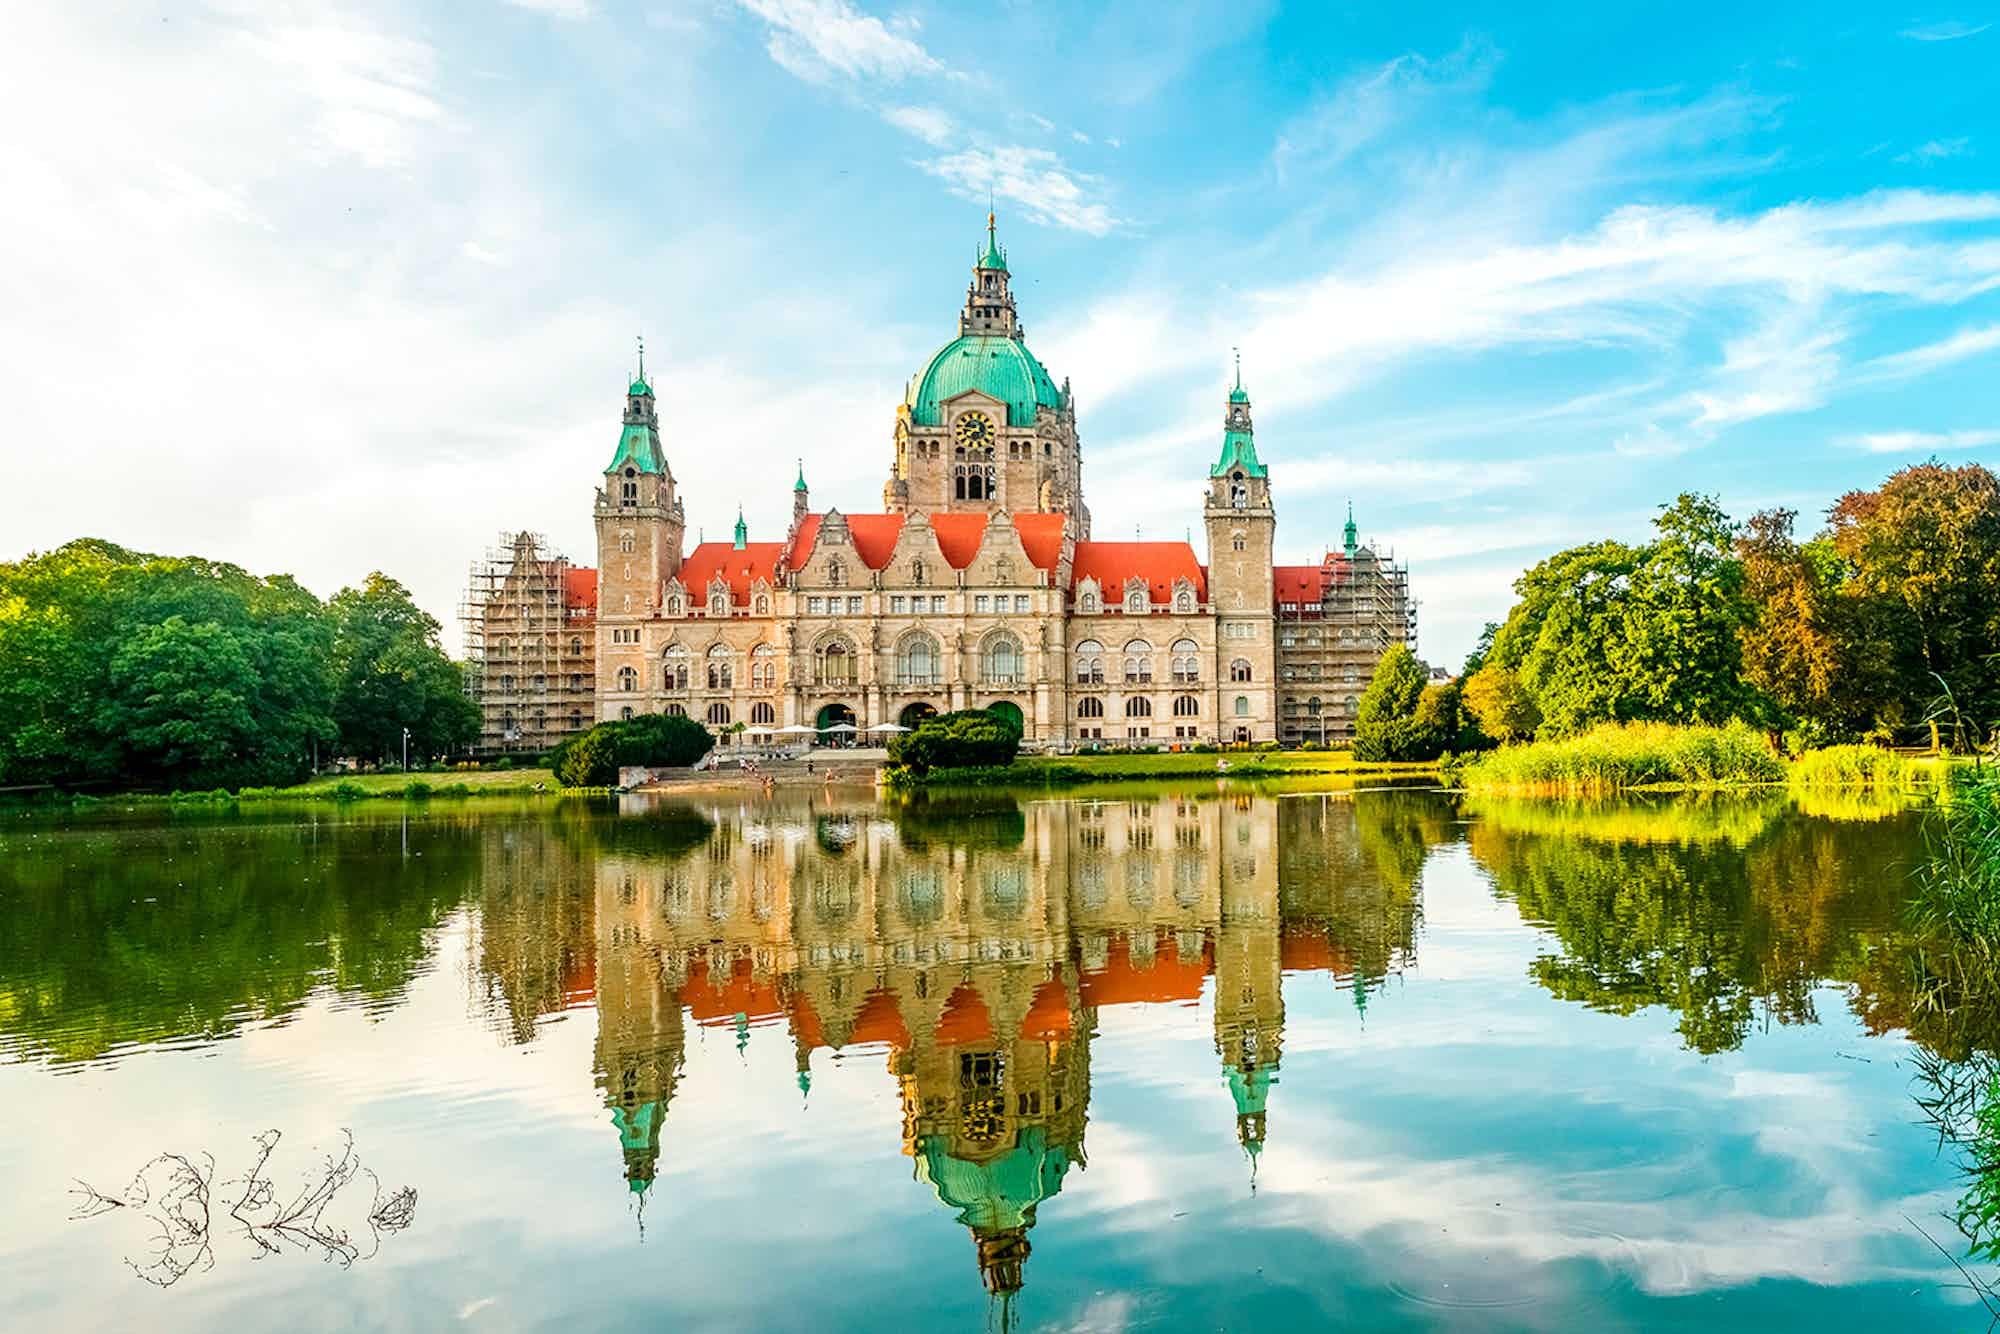 RV rental in Hanover